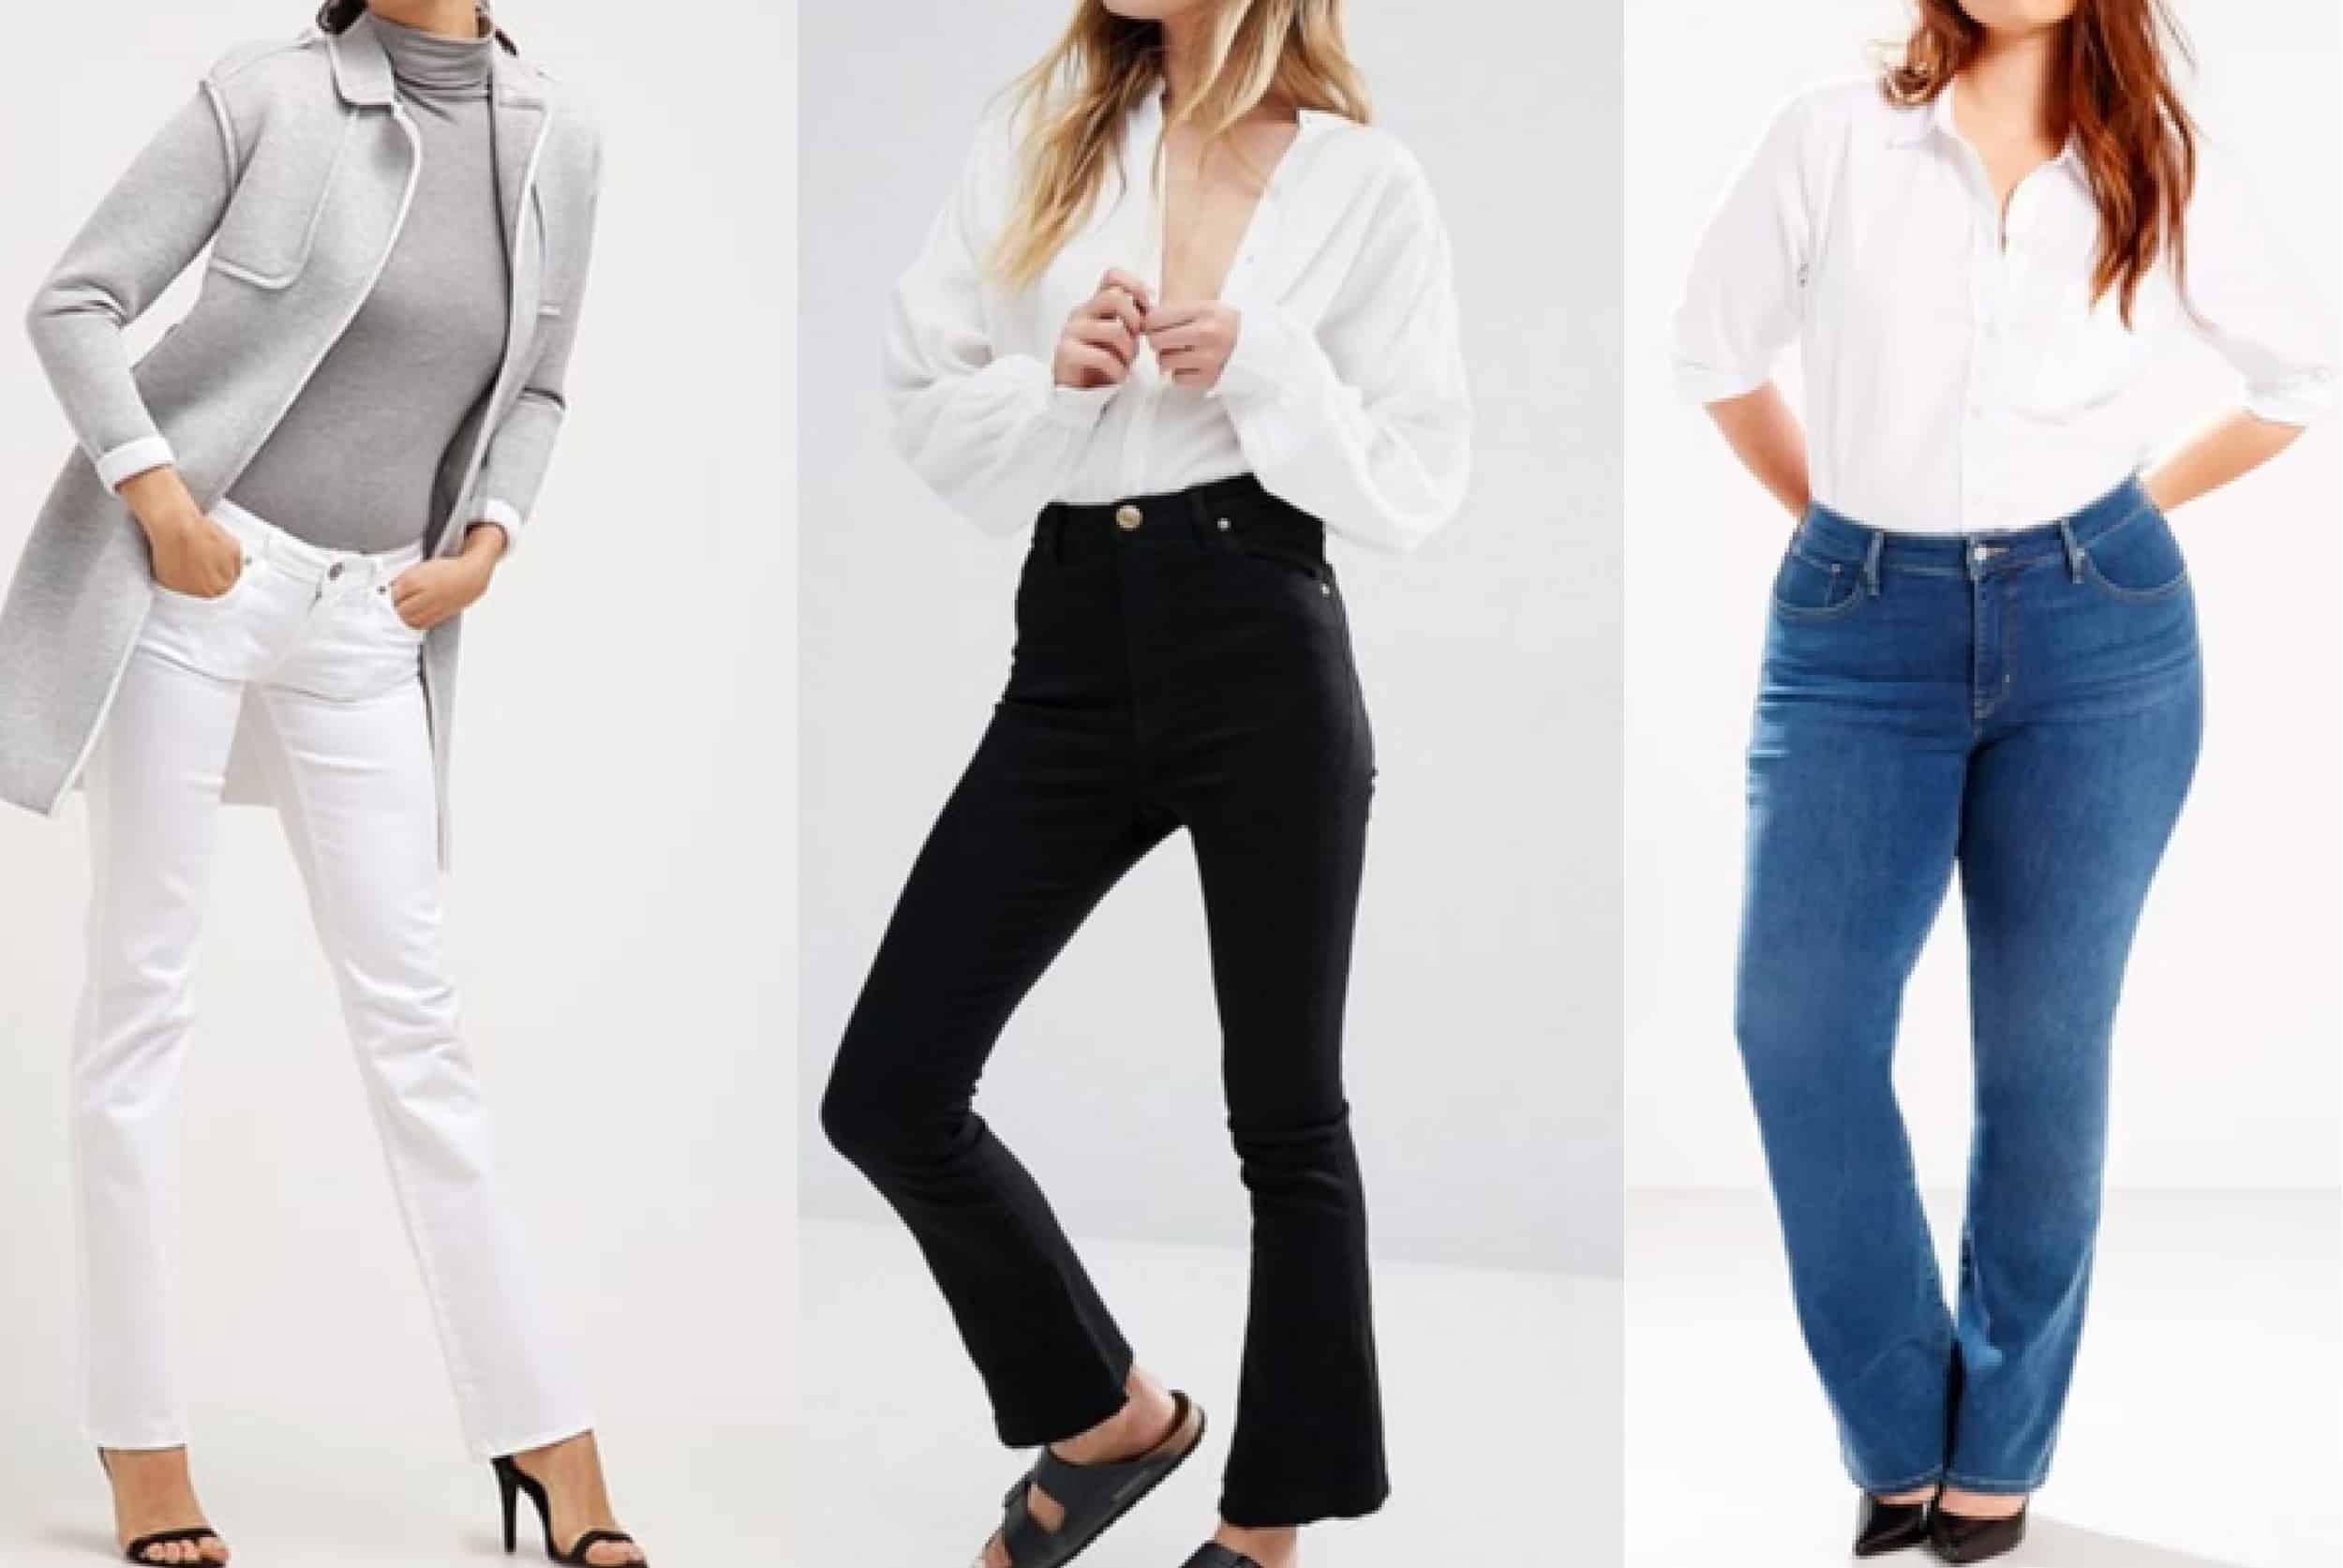 Comment porter un jean bootcut femme ?